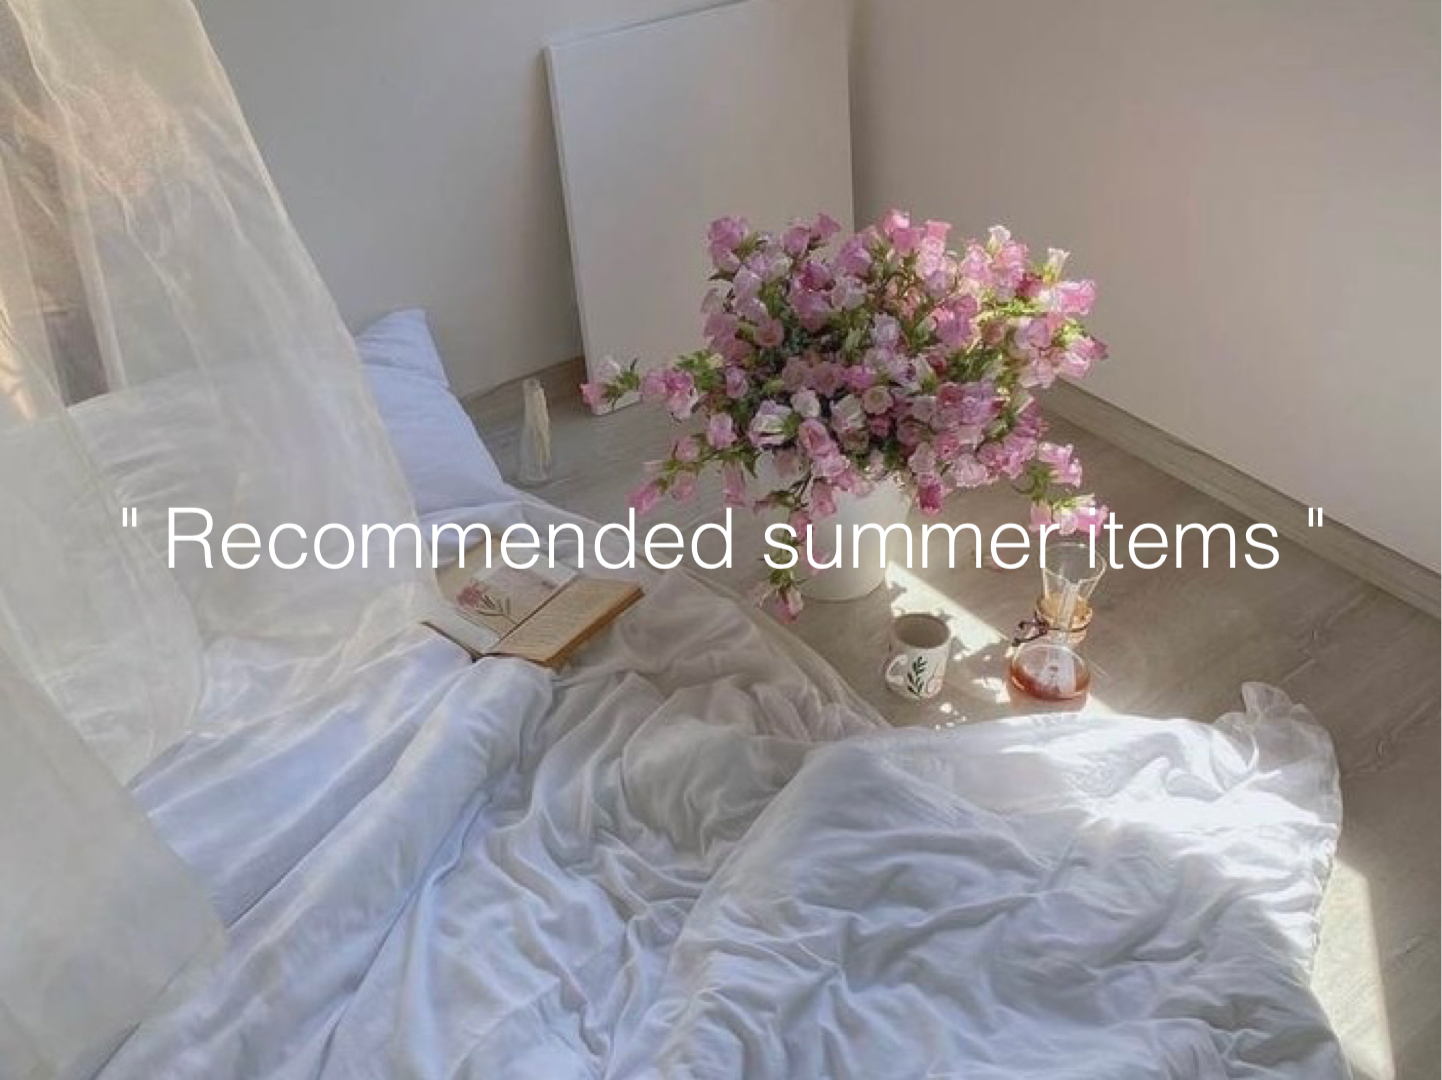 そろそろ夏支度♡おすすめ夏アイテムをご紹介します!